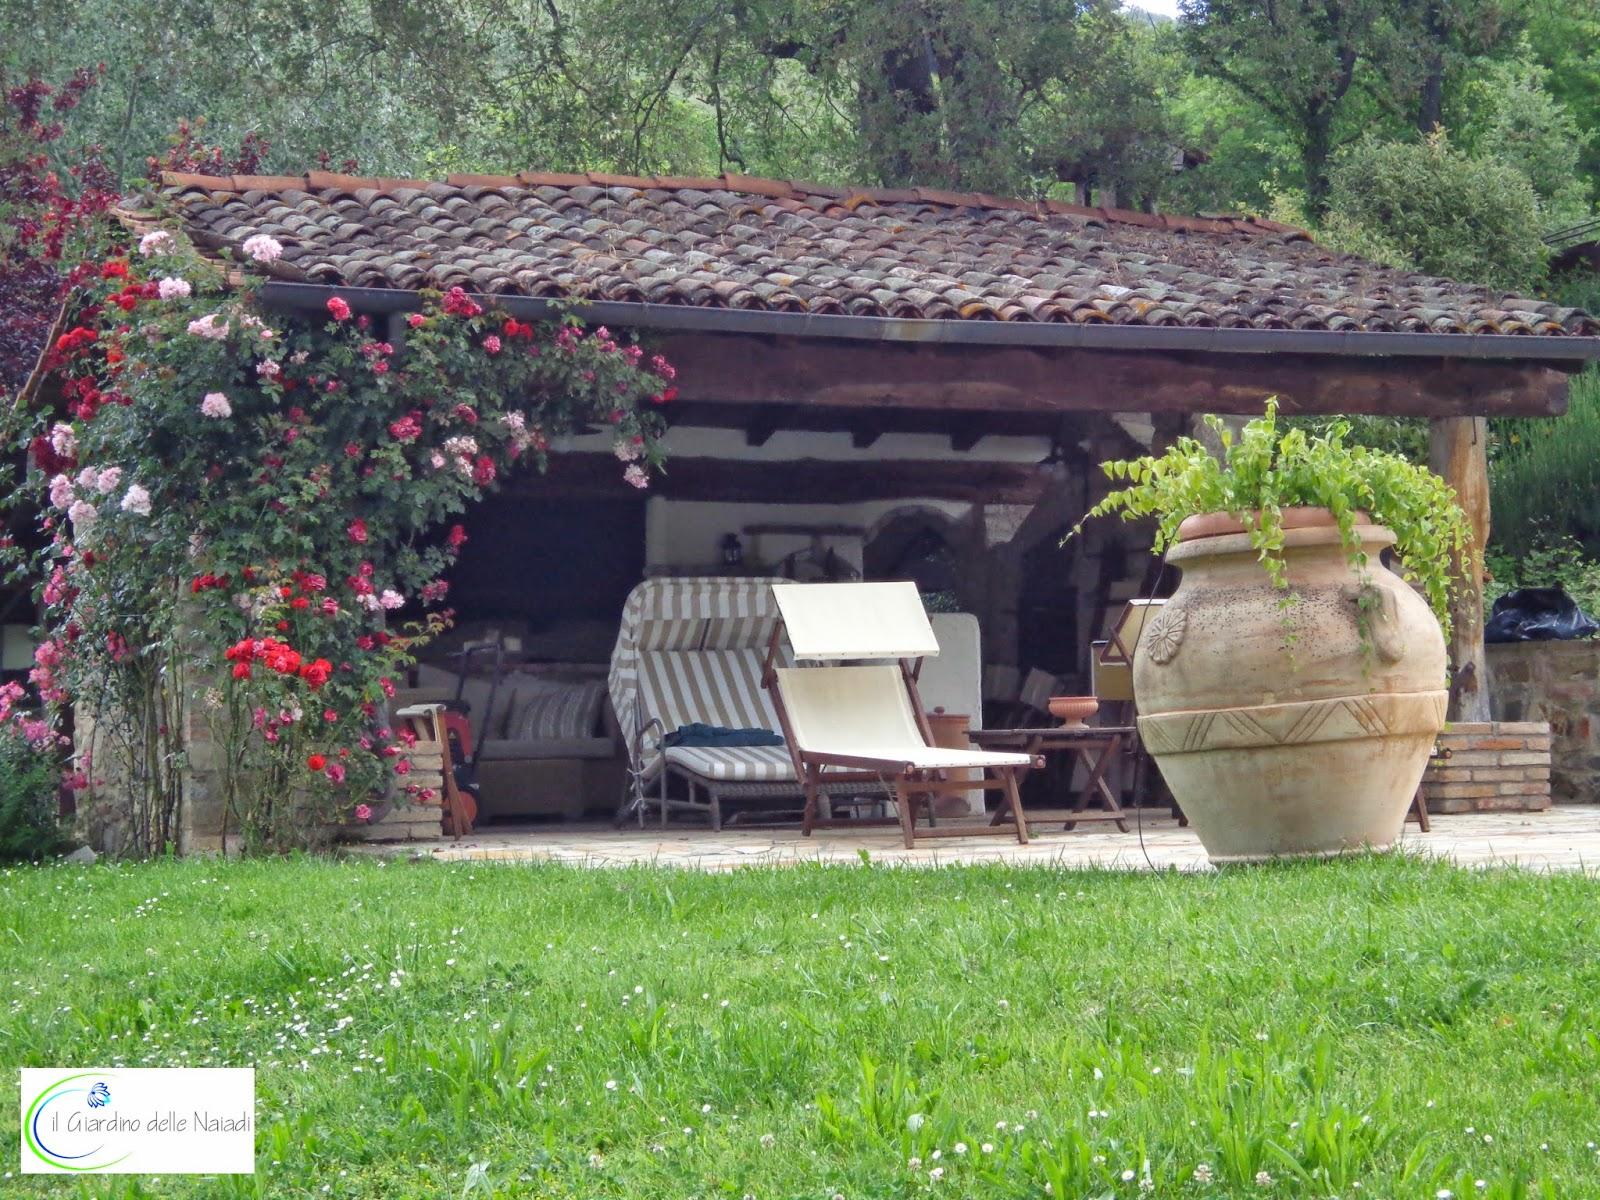 Il giardino delle naiadi un giardino in stile provenzale for Giardino fiori